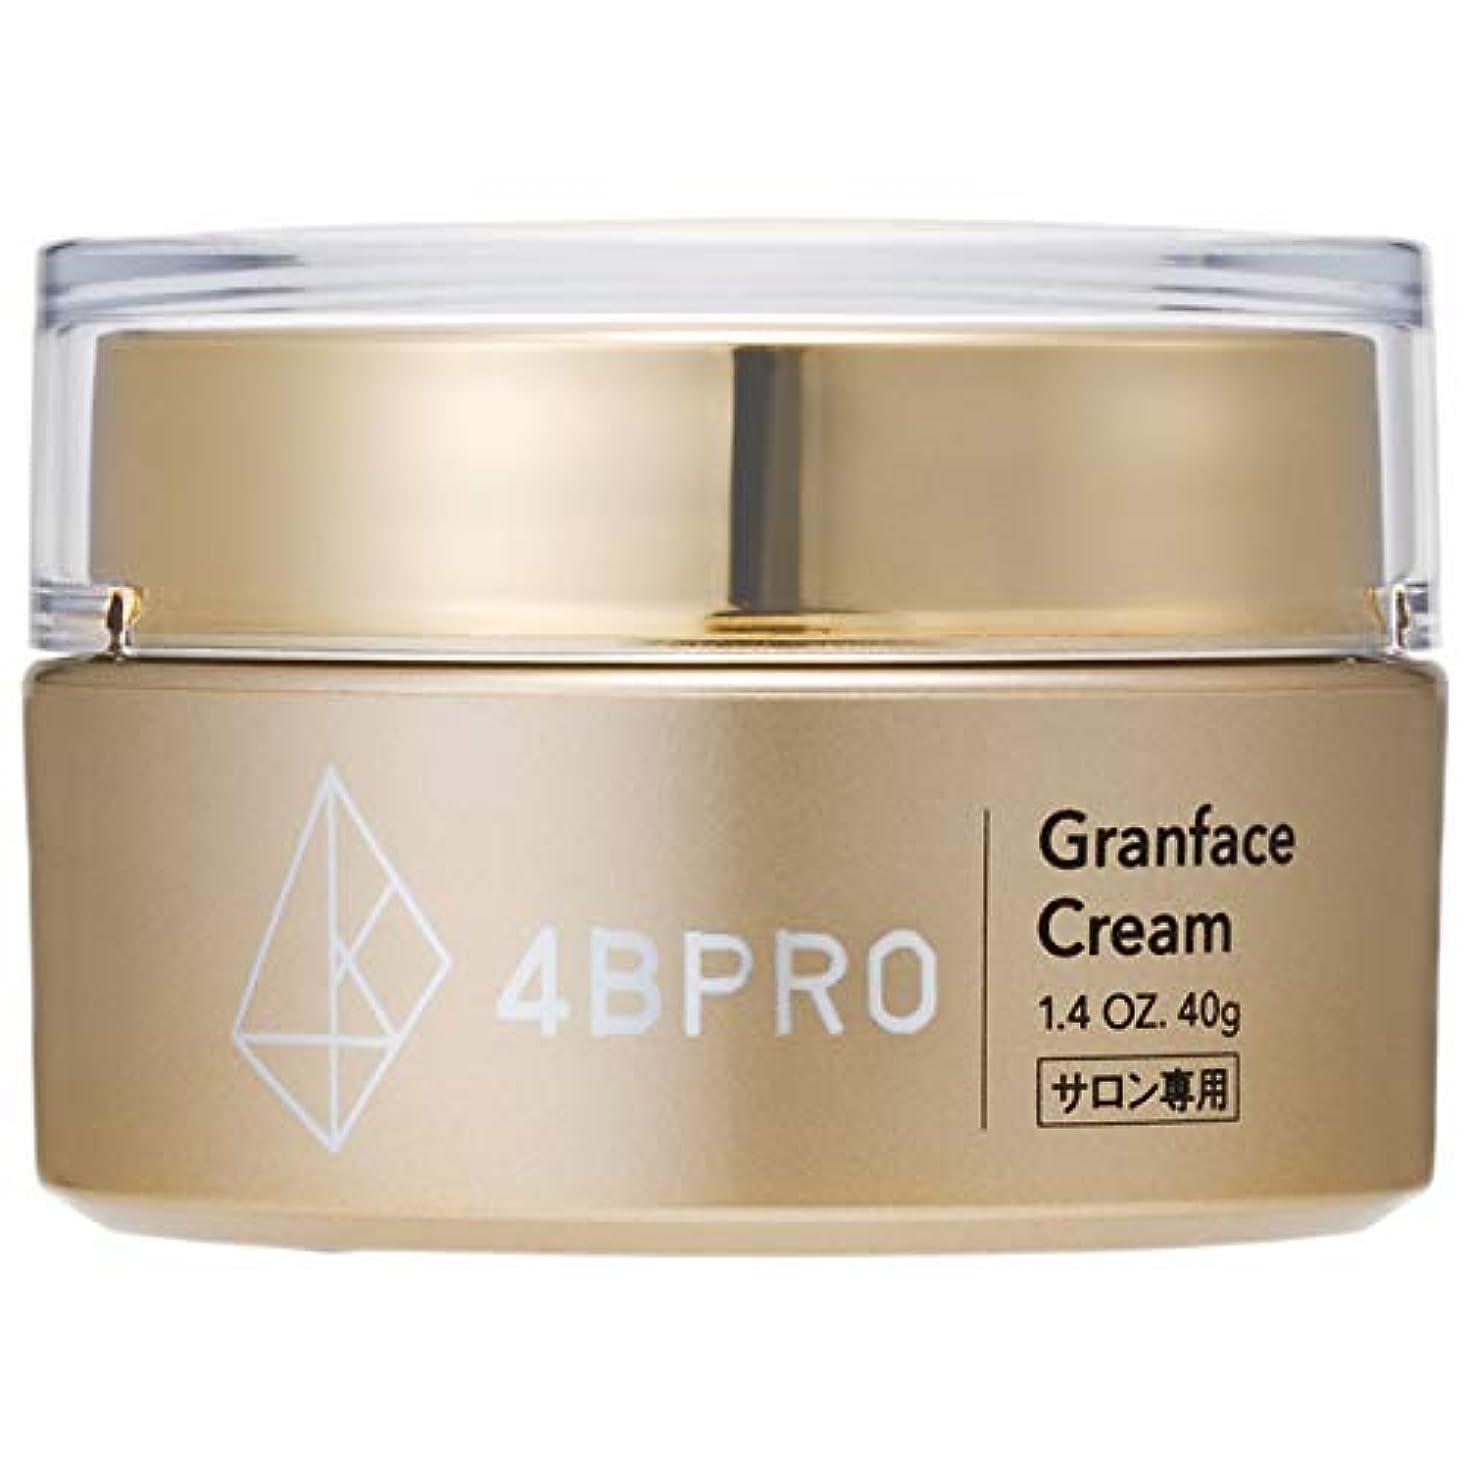 トレースグレートバリアリーフ本4BPRO GranFace Cream(フォービープロ グランフェイスクリーム)フェイスクリーム 高浸透型ヒアルロン酸、抗炎症、抗酸化、美白美容成分配合 40g